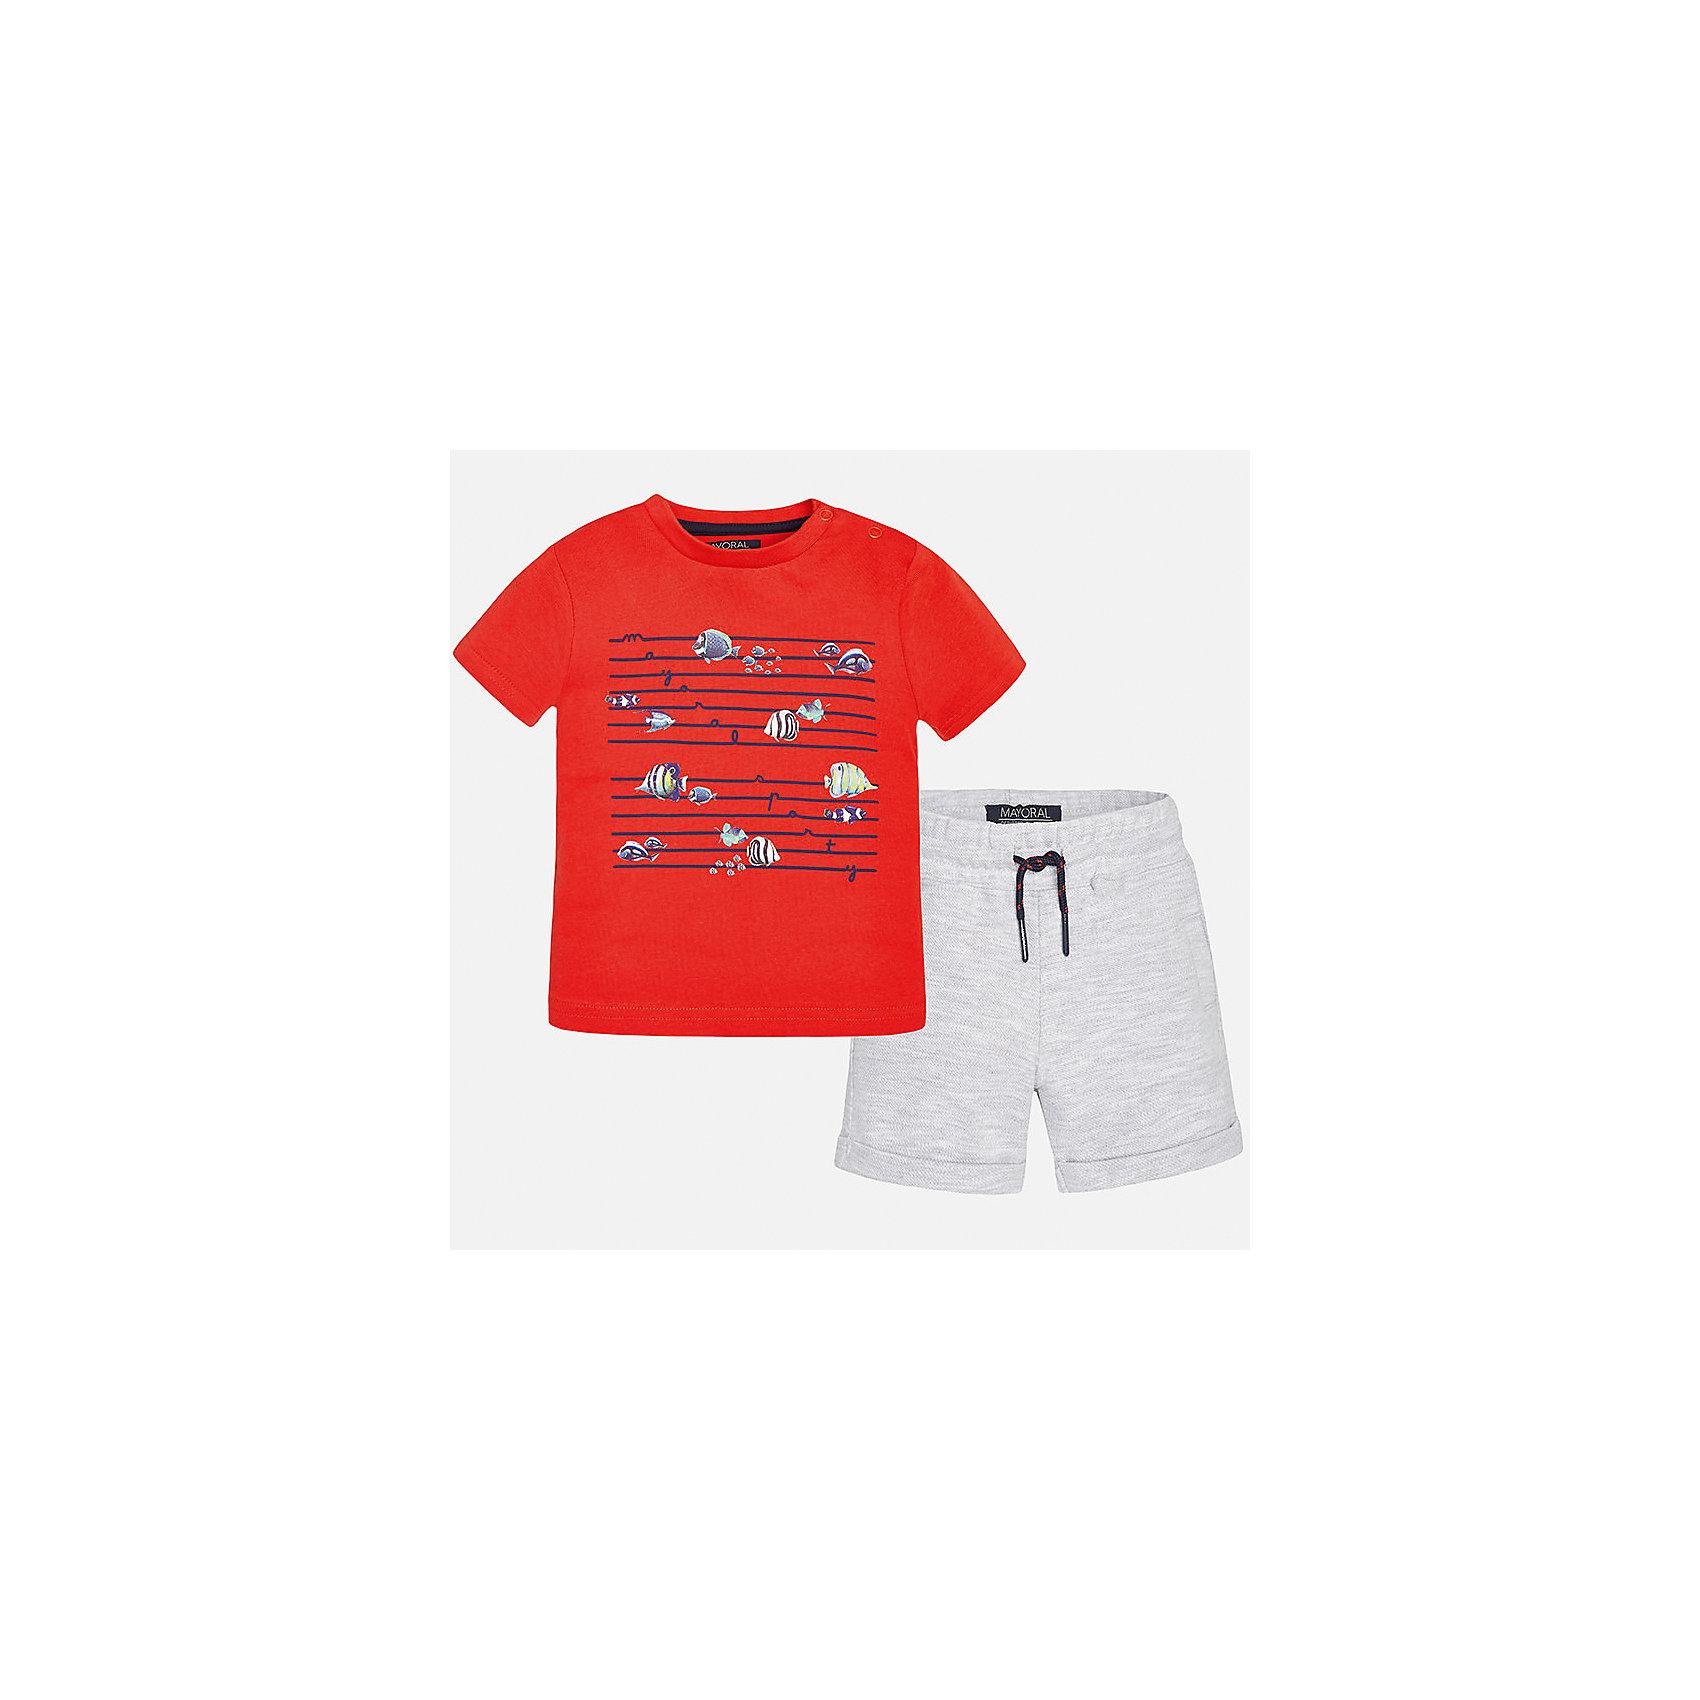 Комплект трикотажный для мальчика MayoralКомплекты<br>Характеристики товара:<br><br>• цвет: красный/серый<br>• состав: 100% хлопок<br>• комплектация: футболка, шорты<br>• футболка декорирована принтом<br>• короткие рукава<br>• шорты однотонные<br>• в поясе шнурок<br>• страна бренда: Испания<br><br>Красивый качественный комплект для мальчика поможет разнообразить гардероб ребенка и удобно одеться в теплую погоду. Он отлично сочетается с другими предметами. Универсальный цвет позволяет подобрать к вещам верхнюю одежду практически любой расцветки. Интересная отделка модели делает её нарядной и оригинальной. В составе материала - только натуральный хлопок, гипоаллергенный, приятный на ощупь, дышащий.<br><br>Одежда, обувь и аксессуары от испанского бренда Mayoral полюбились детям и взрослым по всему миру. Модели этой марки - стильные и удобные. Для их производства используются только безопасные, качественные материалы и фурнитура. Порадуйте ребенка модными и красивыми вещами от Mayoral! <br><br>Комплект для мальчика от испанского бренда Mayoral (Майорал) можно купить в нашем интернет-магазине.<br><br>Ширина мм: 215<br>Глубина мм: 88<br>Высота мм: 191<br>Вес г: 336<br>Цвет: белый<br>Возраст от месяцев: 12<br>Возраст до месяцев: 15<br>Пол: Мужской<br>Возраст: Детский<br>Размер: 80,92,86<br>SKU: 5279689